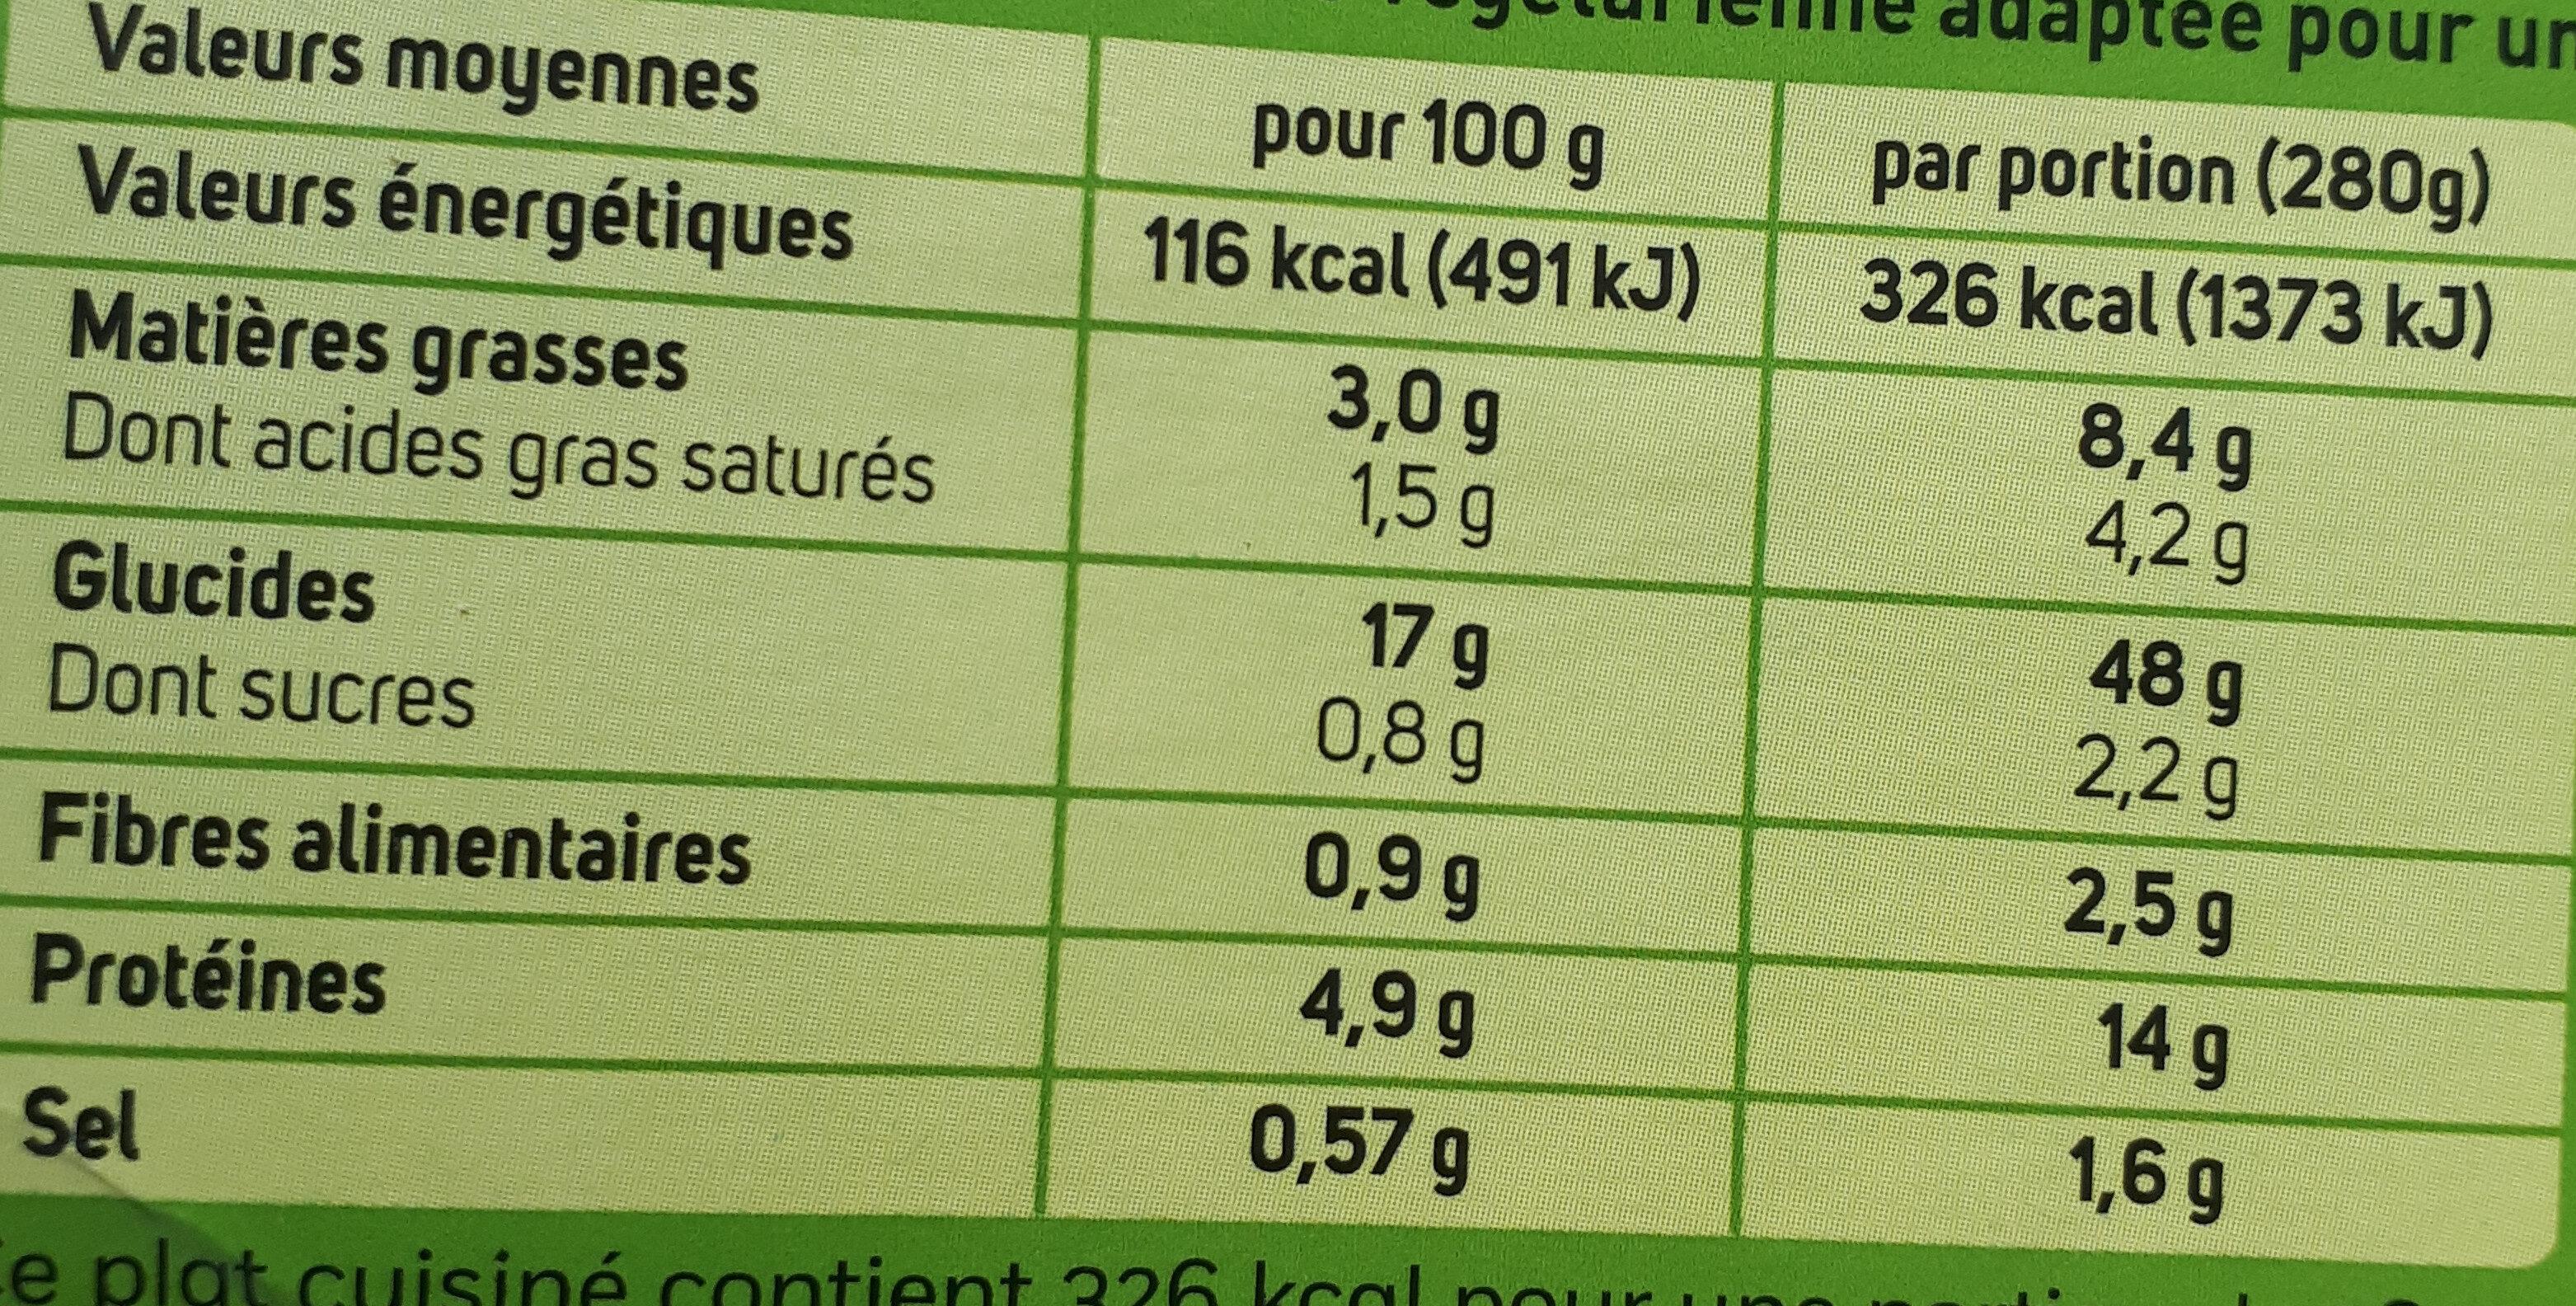 Rigatoni au chèvre et épinards à la crème - Voedingswaarden - fr